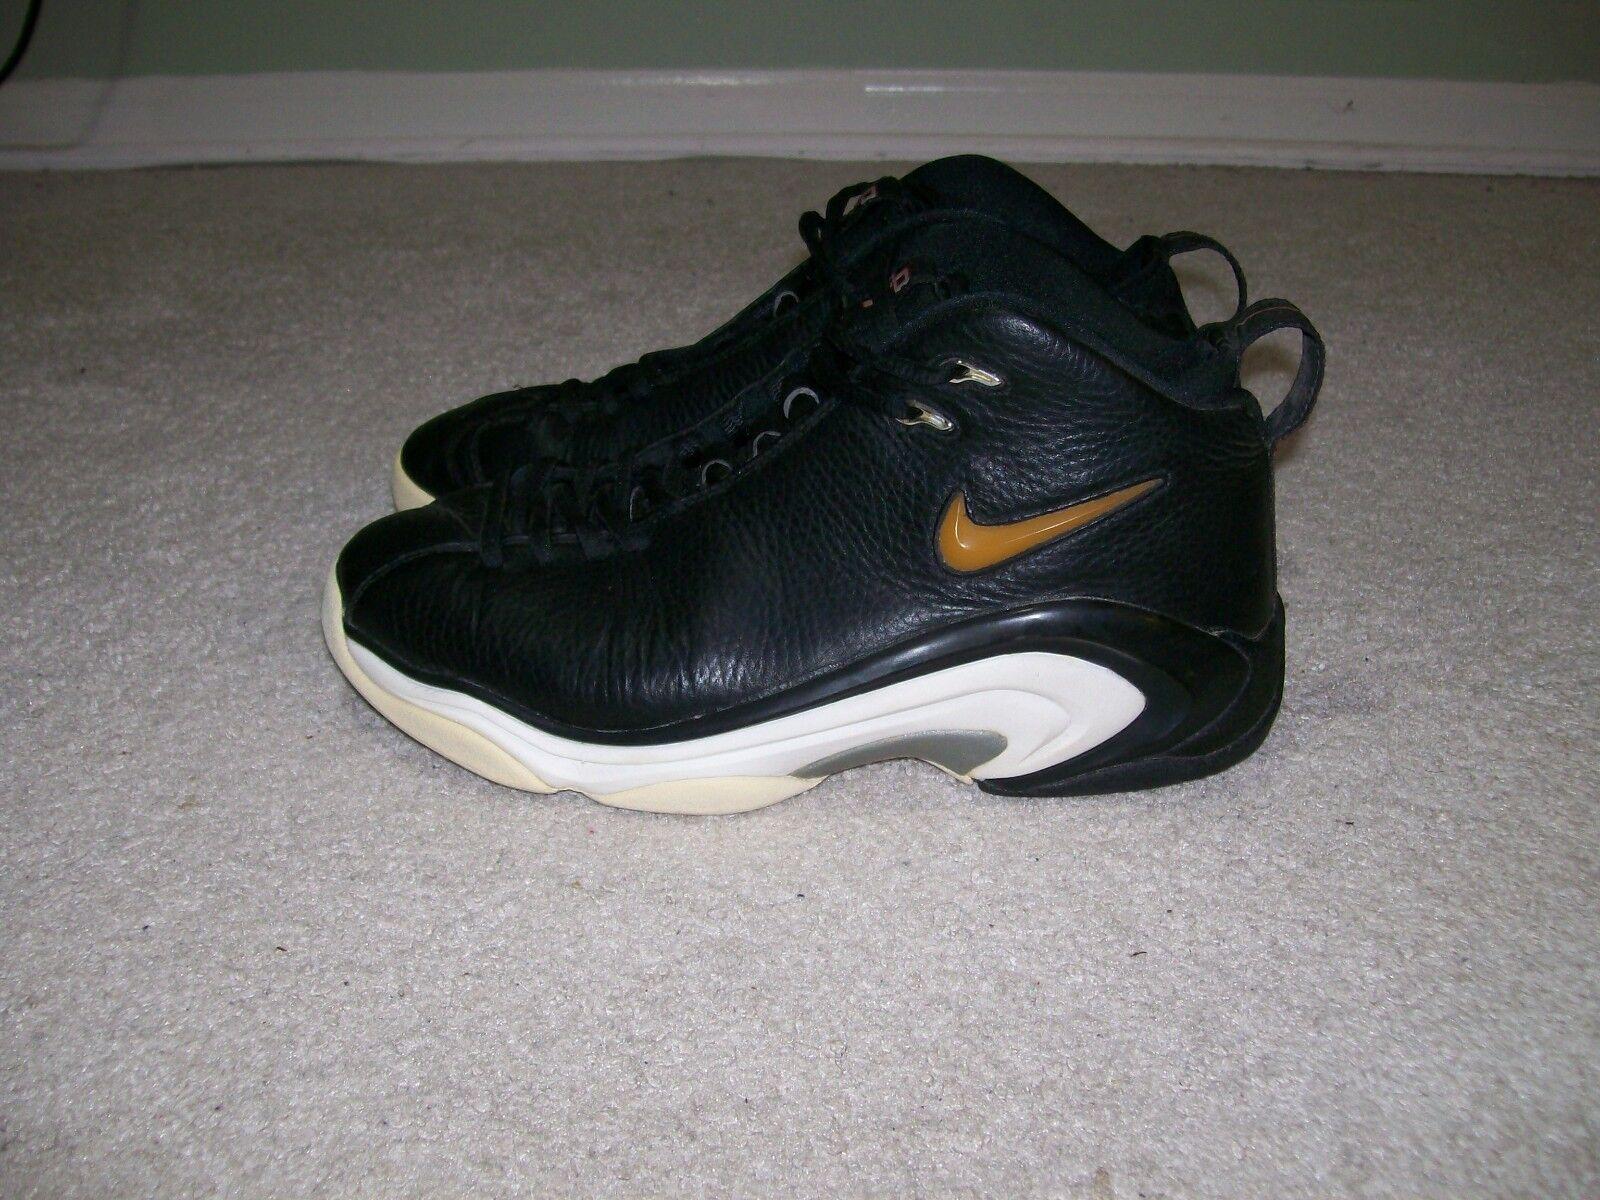 1998 Og Sz 11 Nike Air Pippen II 2 Brot Schwarz Weiß 830055-061 More Uptempo 1